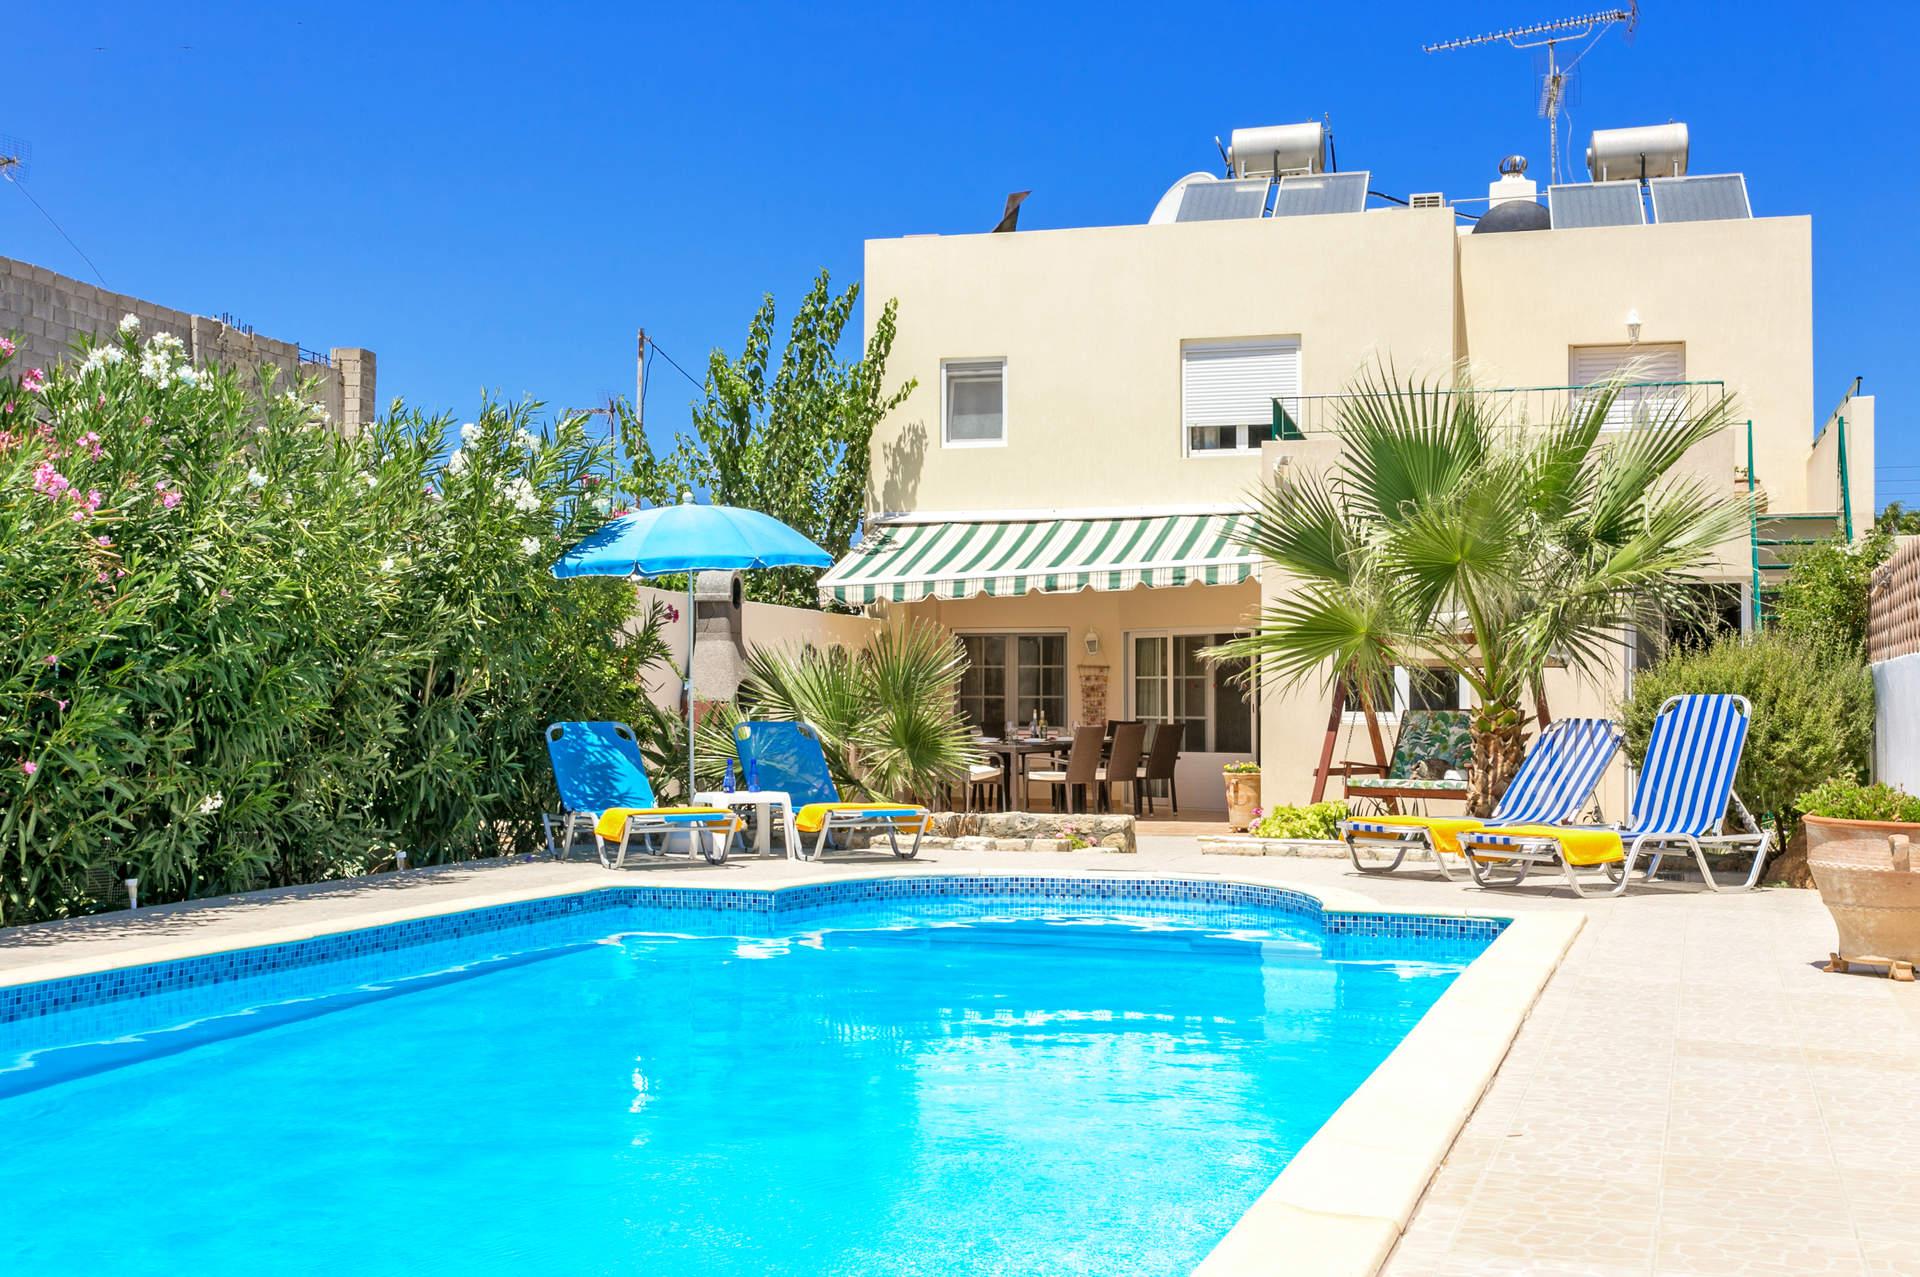 Villa Capri Crete, Hersonissos, Crete, Greece